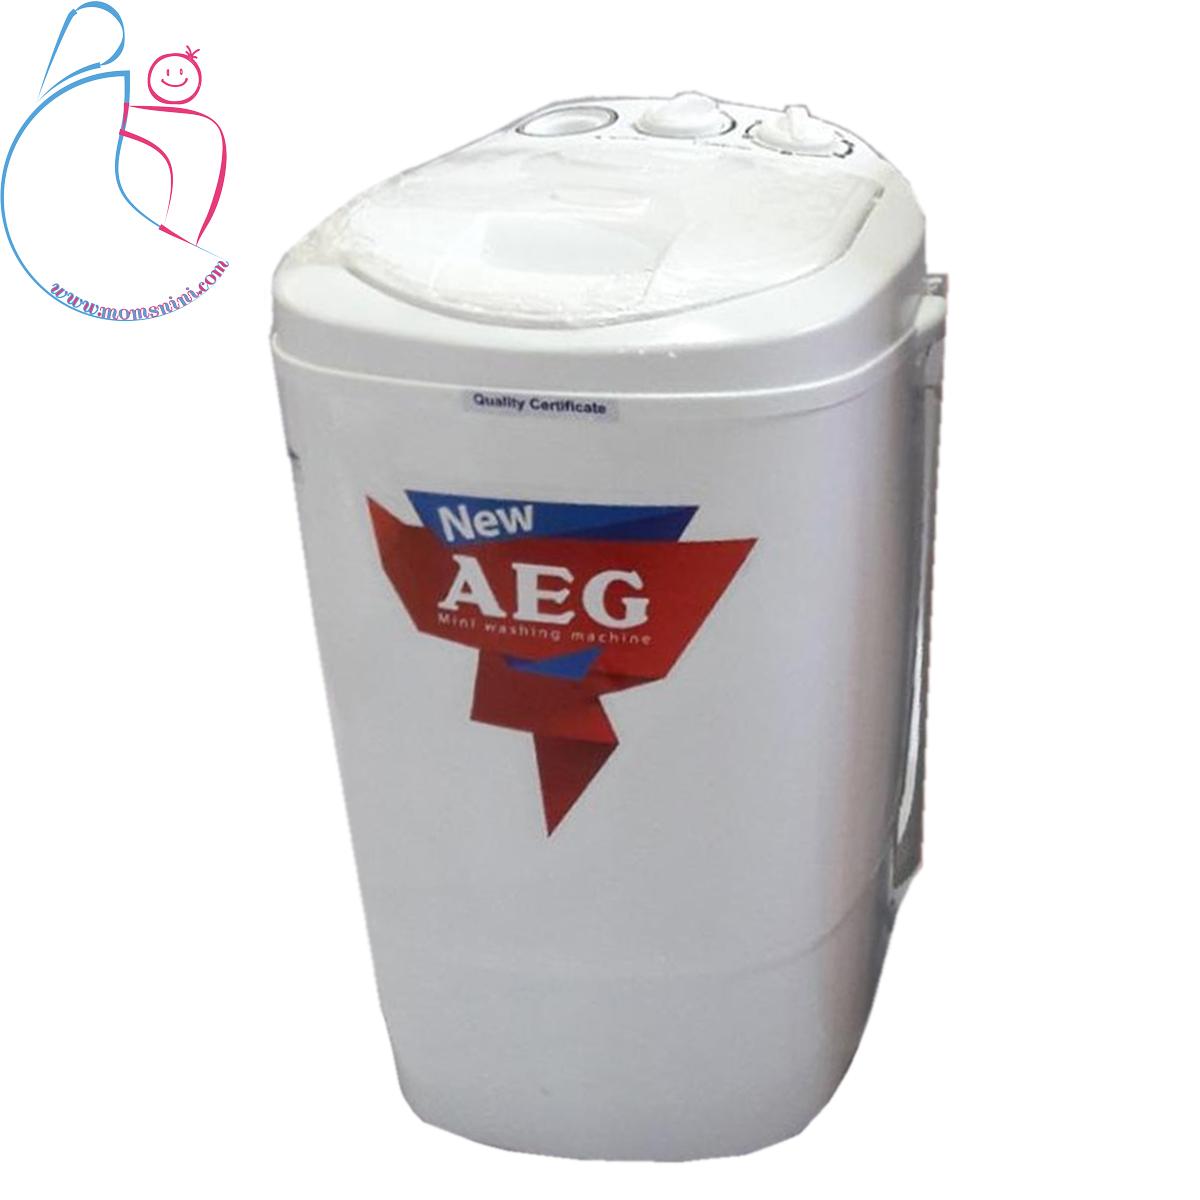 مینی واش تک AEG مدل ۳٫۵ کیلویی